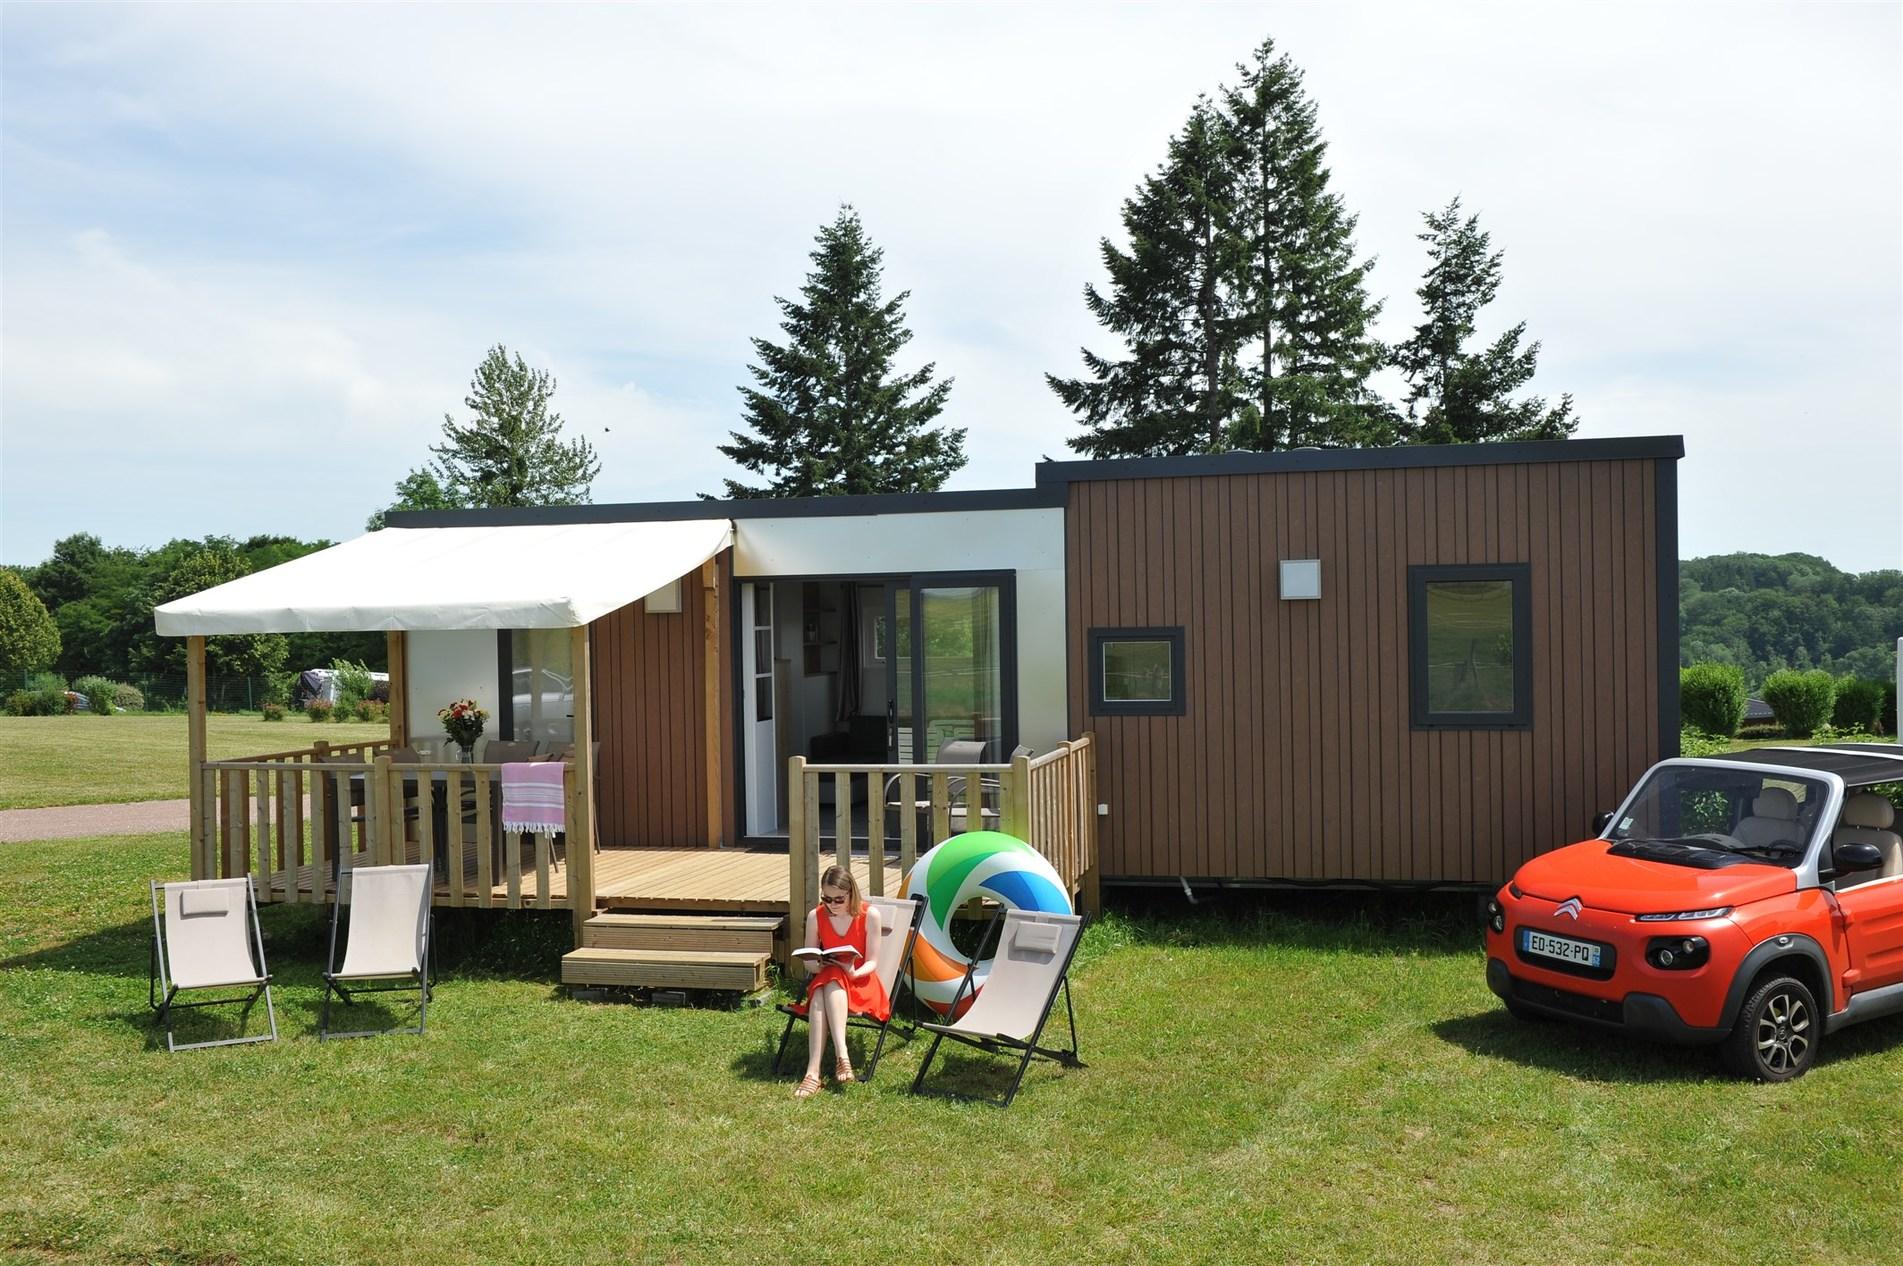 Frankrijk-Peigney-Camping%20Lac%20de%20la%20Liez-ExtraLarge Campings Frankrijk